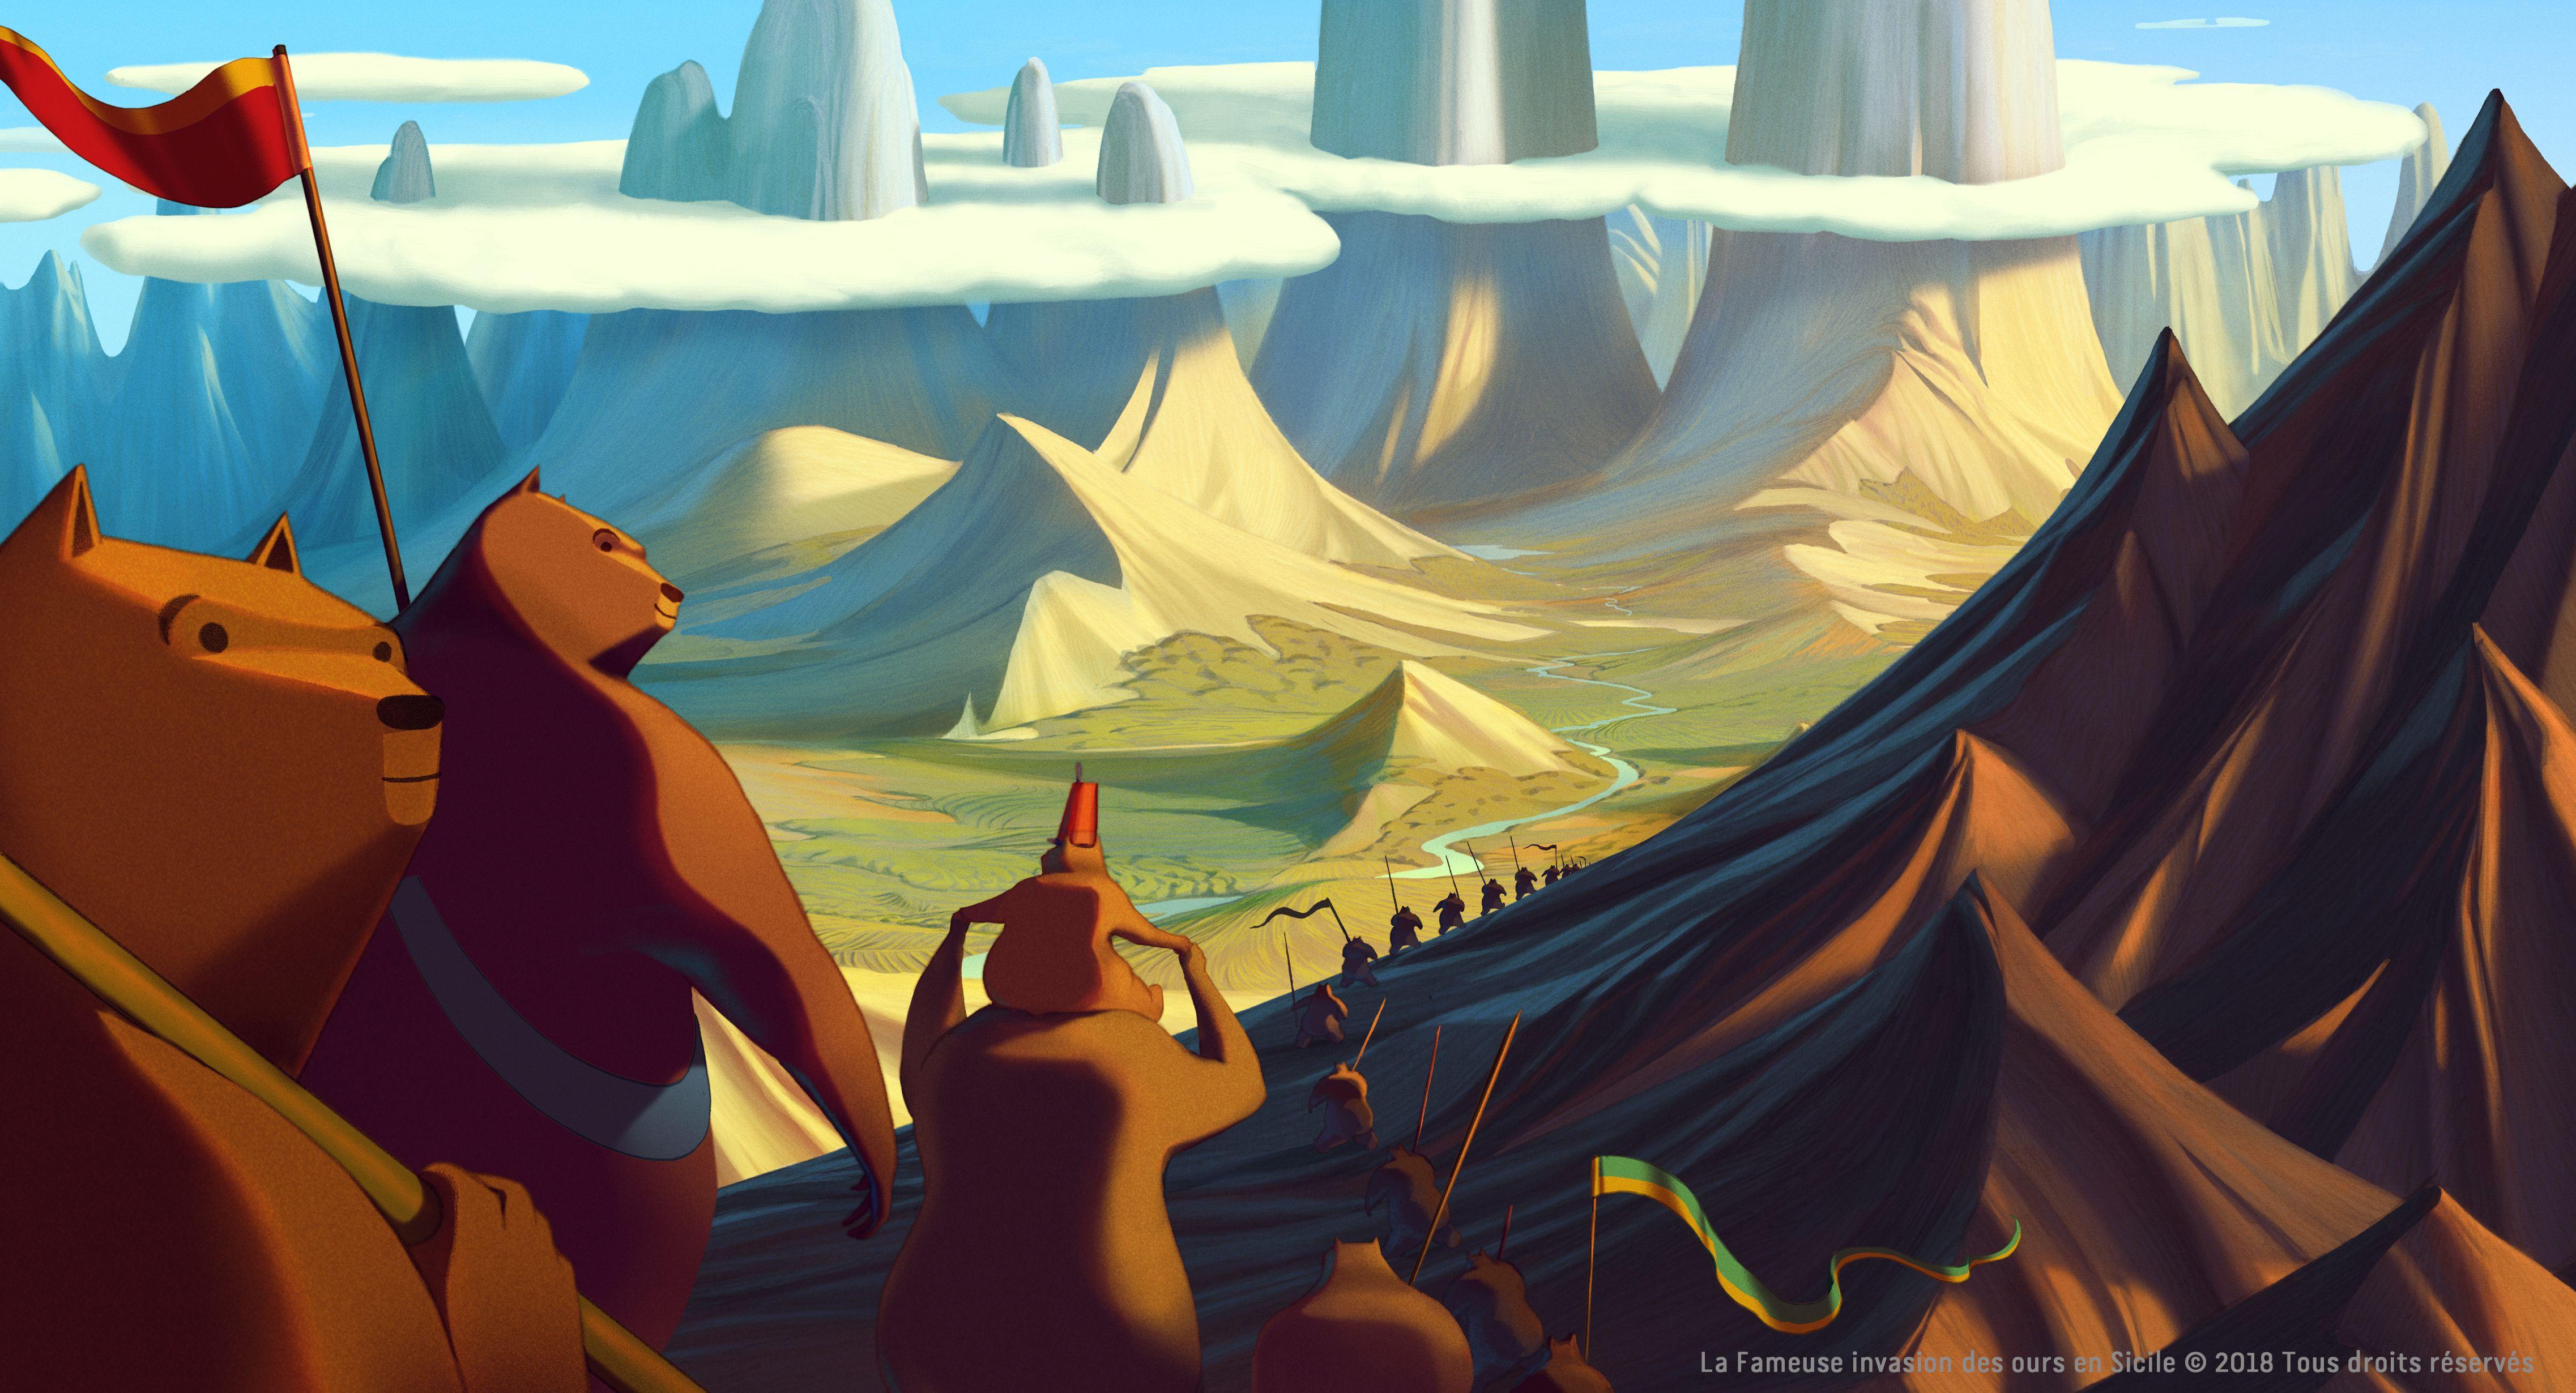 La famosa invasione degli orsi in Sicilia presentato in anteprima a Cannes thumbnail